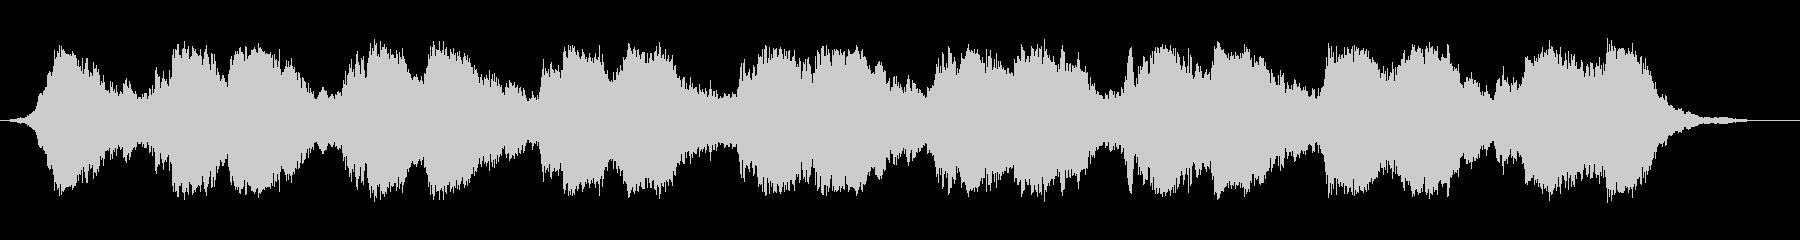 ホラー&サスペンスな雰囲気のBGMの未再生の波形